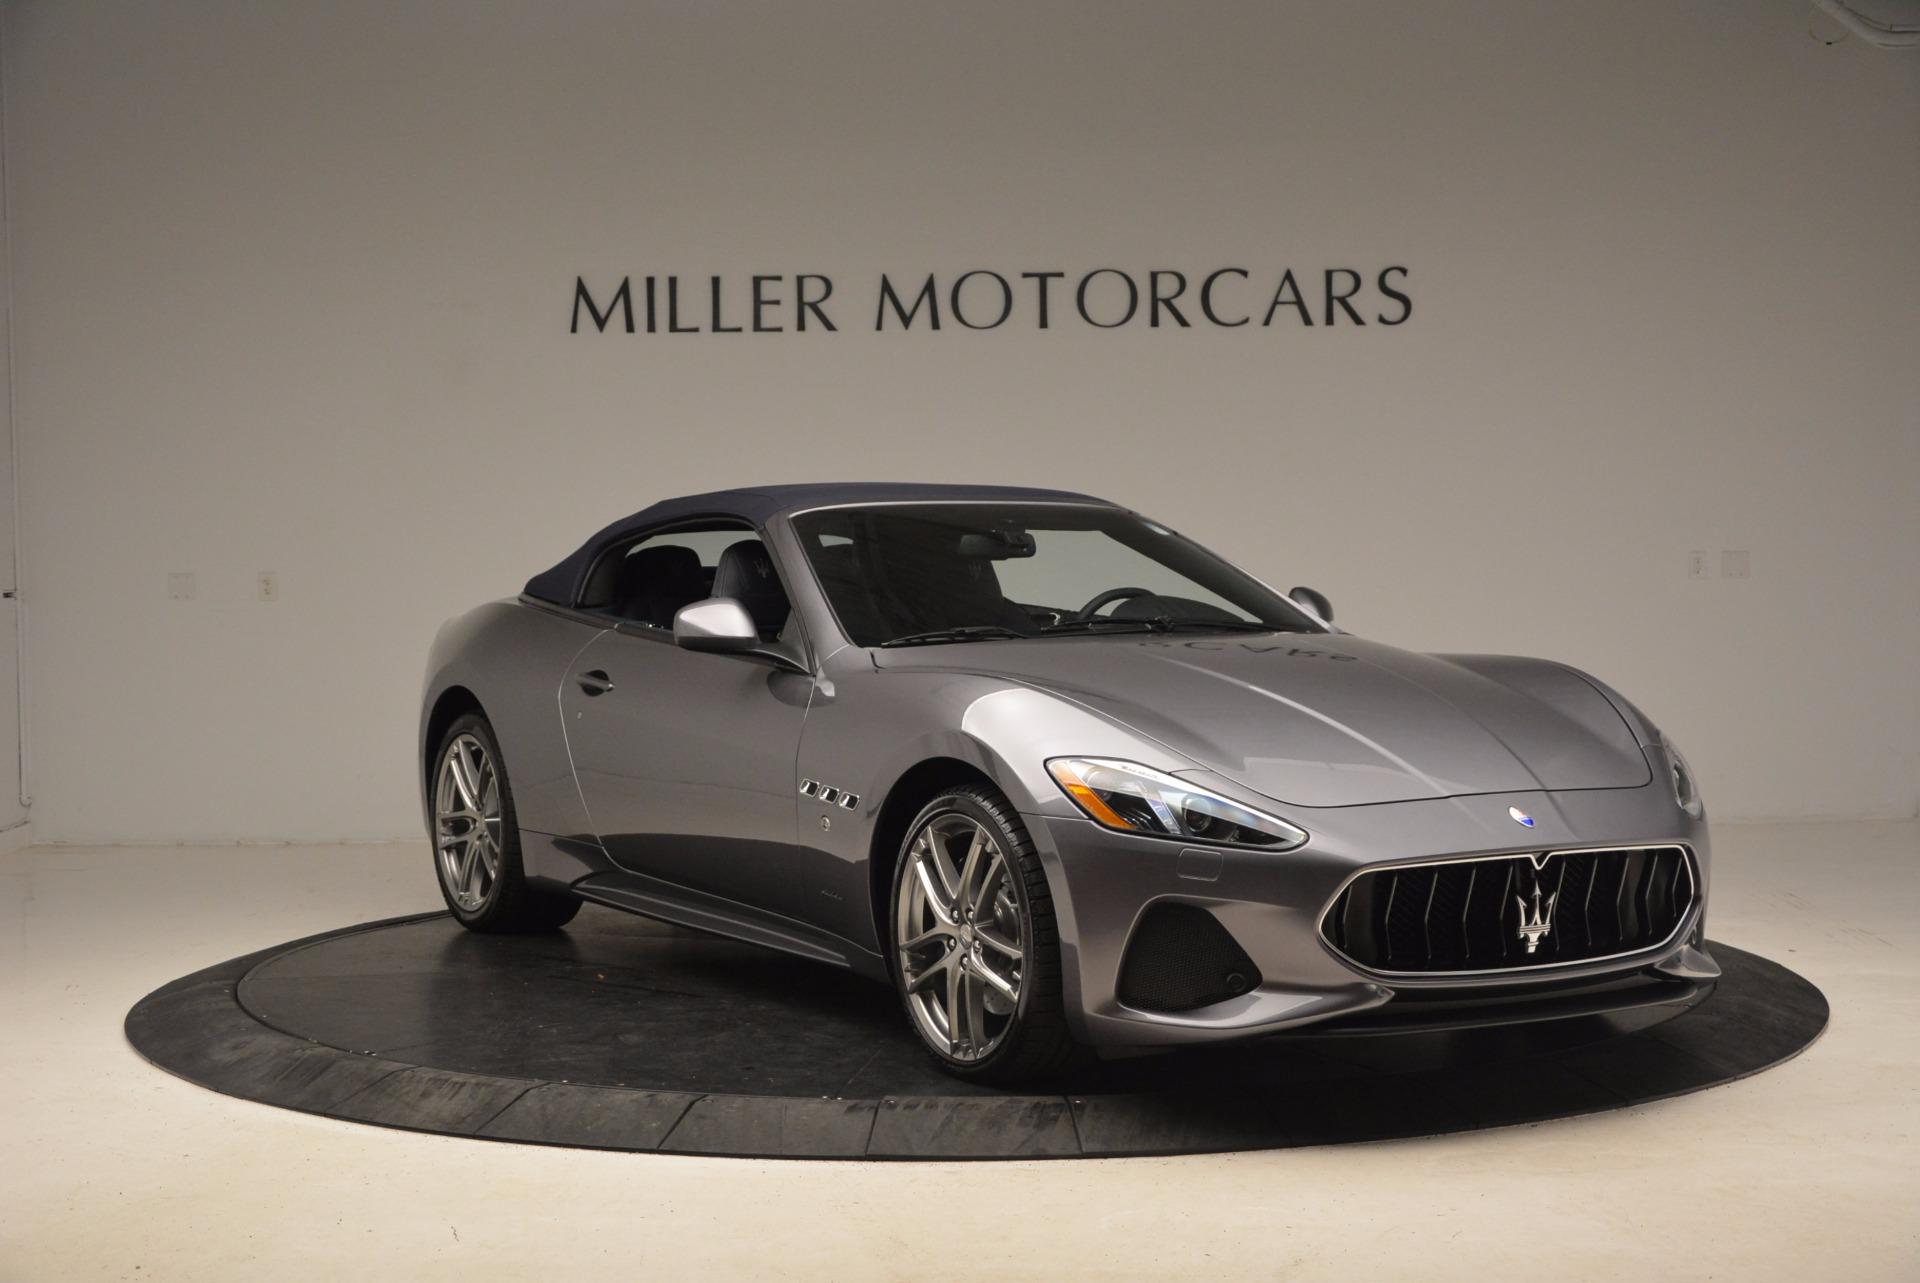 New 2018 Maserati GranTurismo Sport For Sale In Greenwich, CT 1707_p11